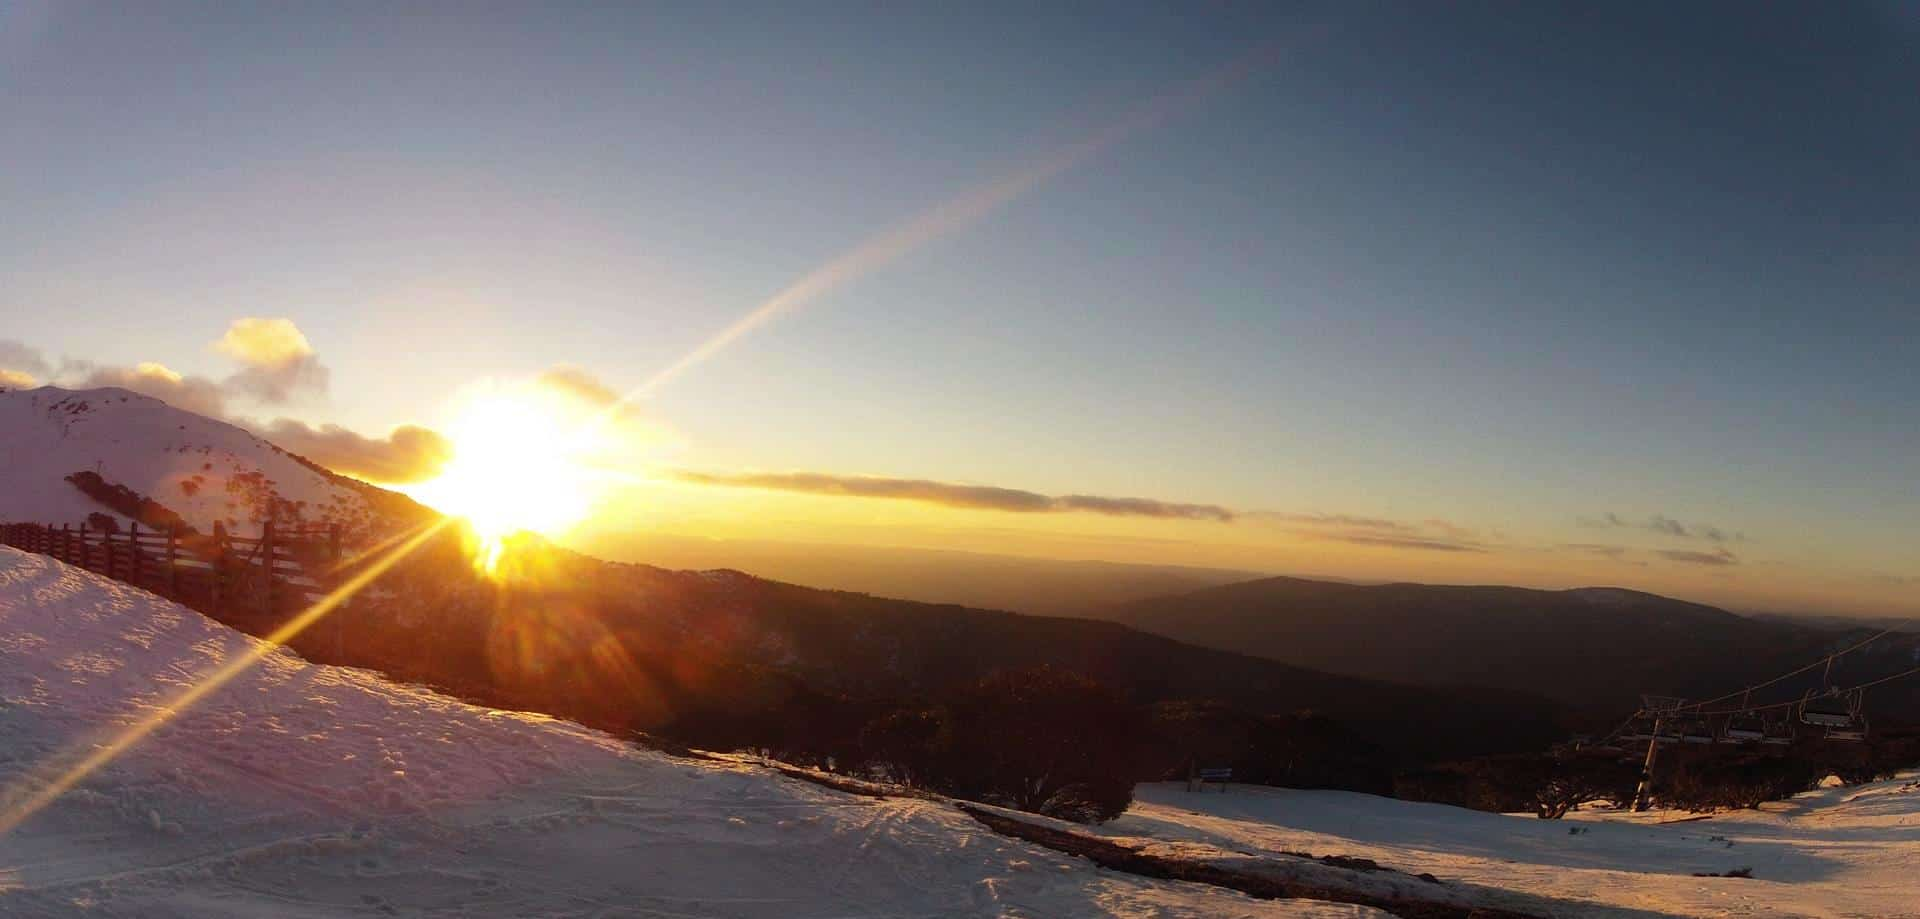 Bonza sunset, Mt Buller